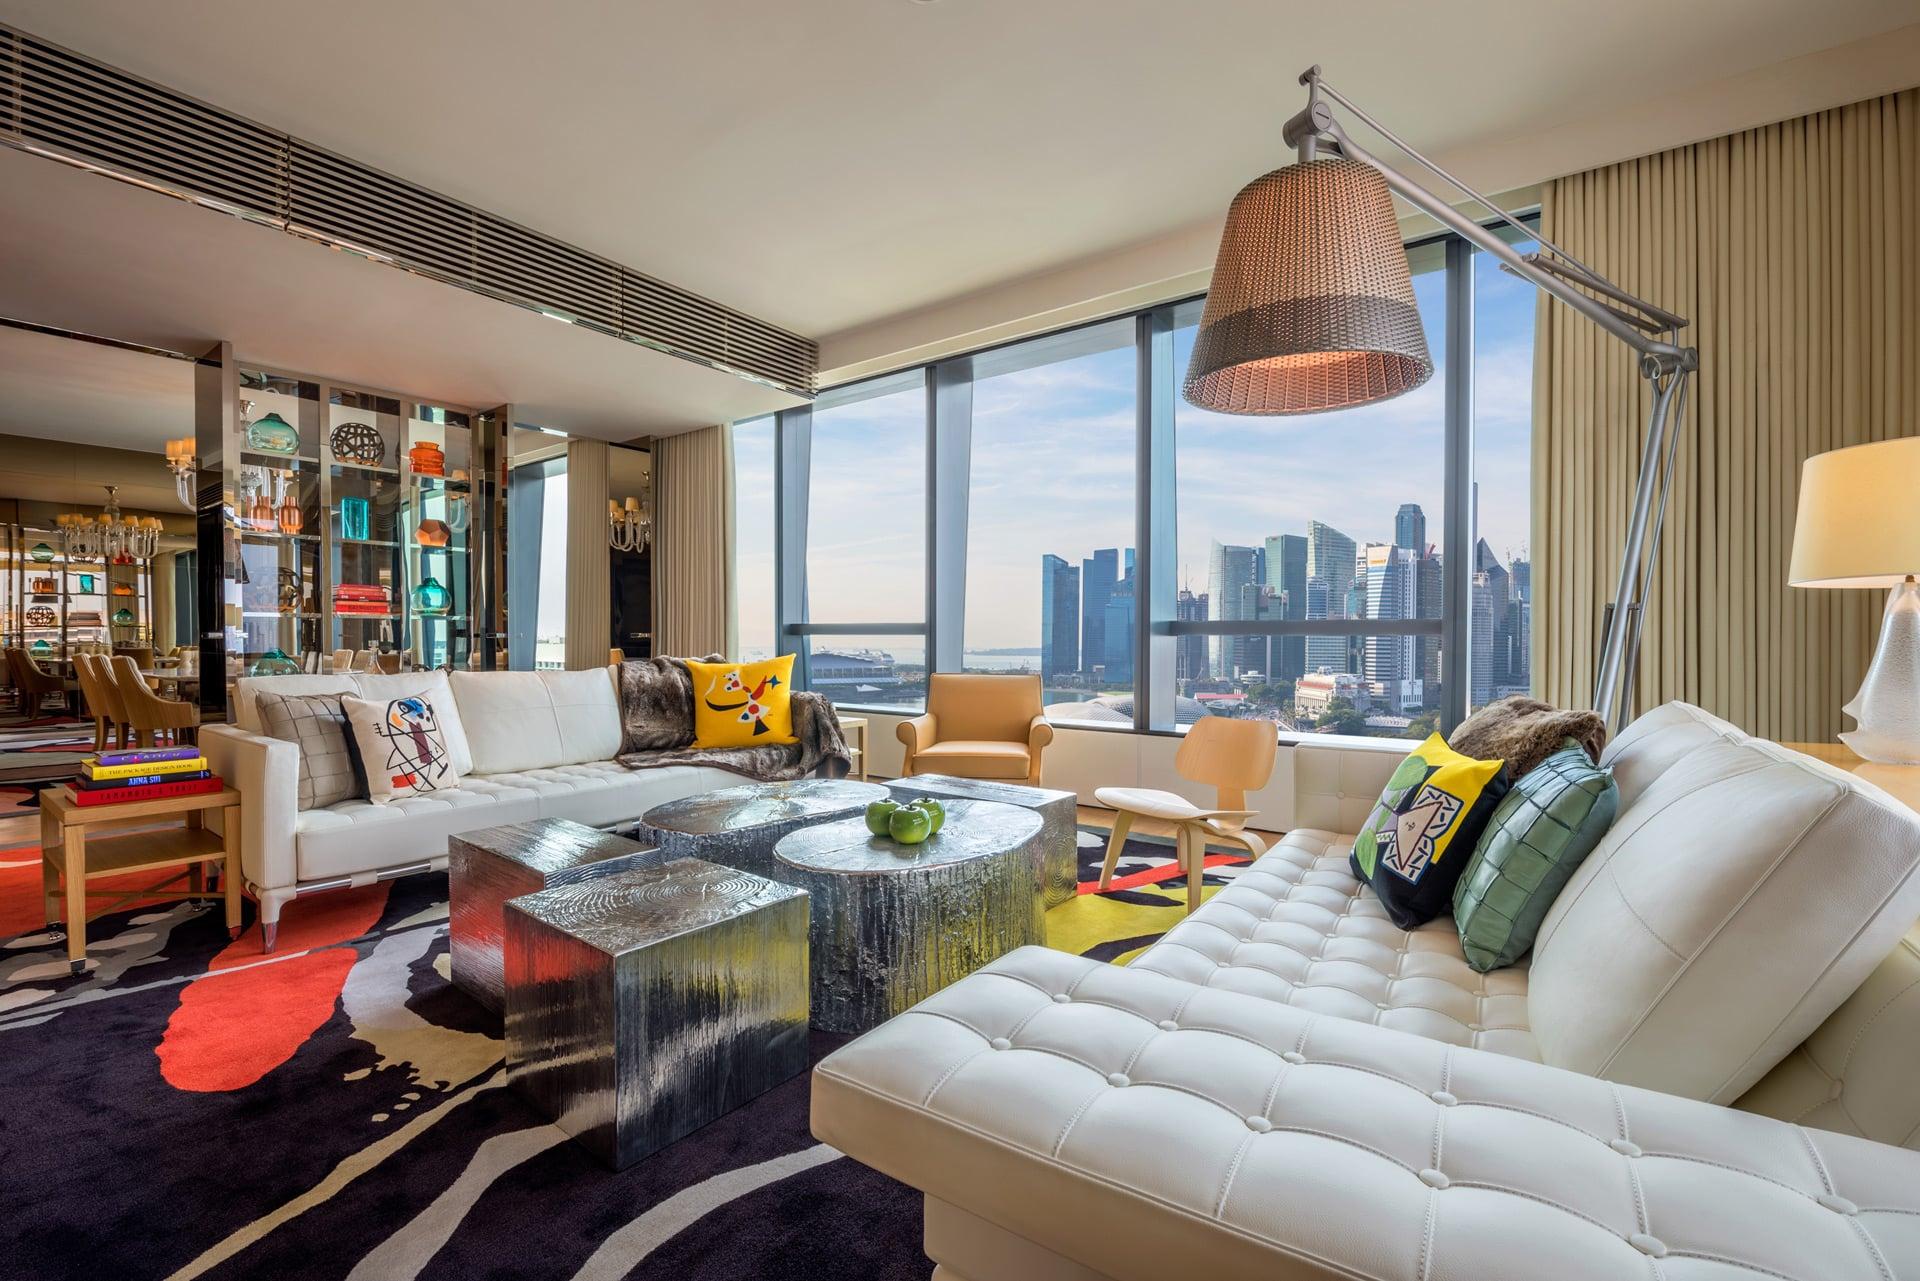 ScottAWoodward_LuxuryLifestyle(Hotels+Resorts)_023